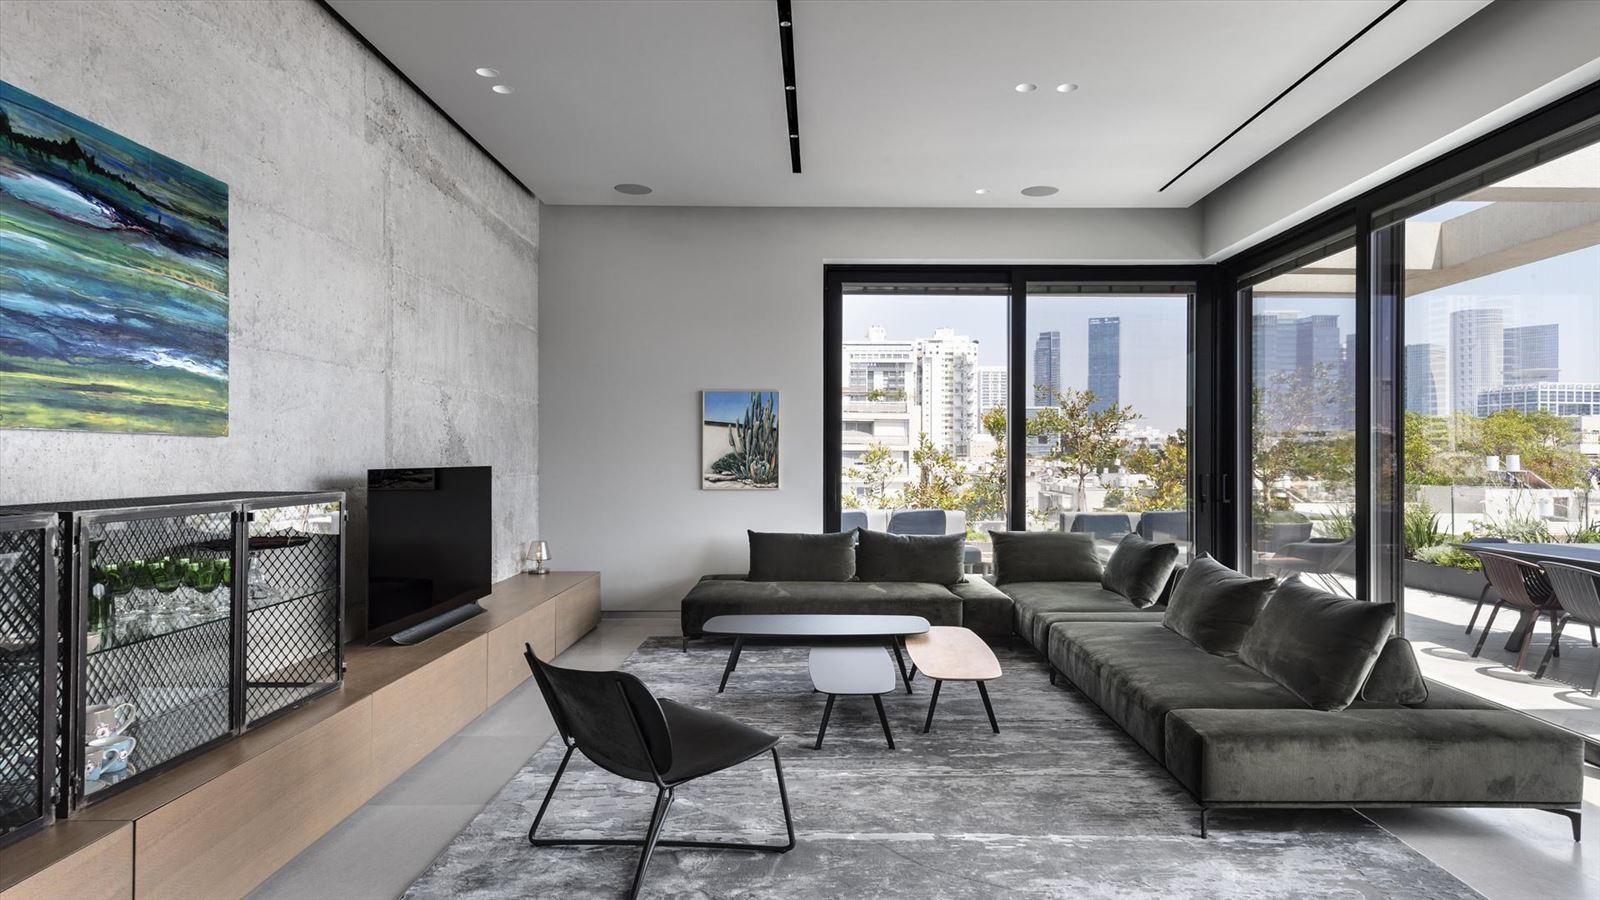 CENTRAL TLV LOFT קמחי תאורה תכנון גופי תאורה לסלון